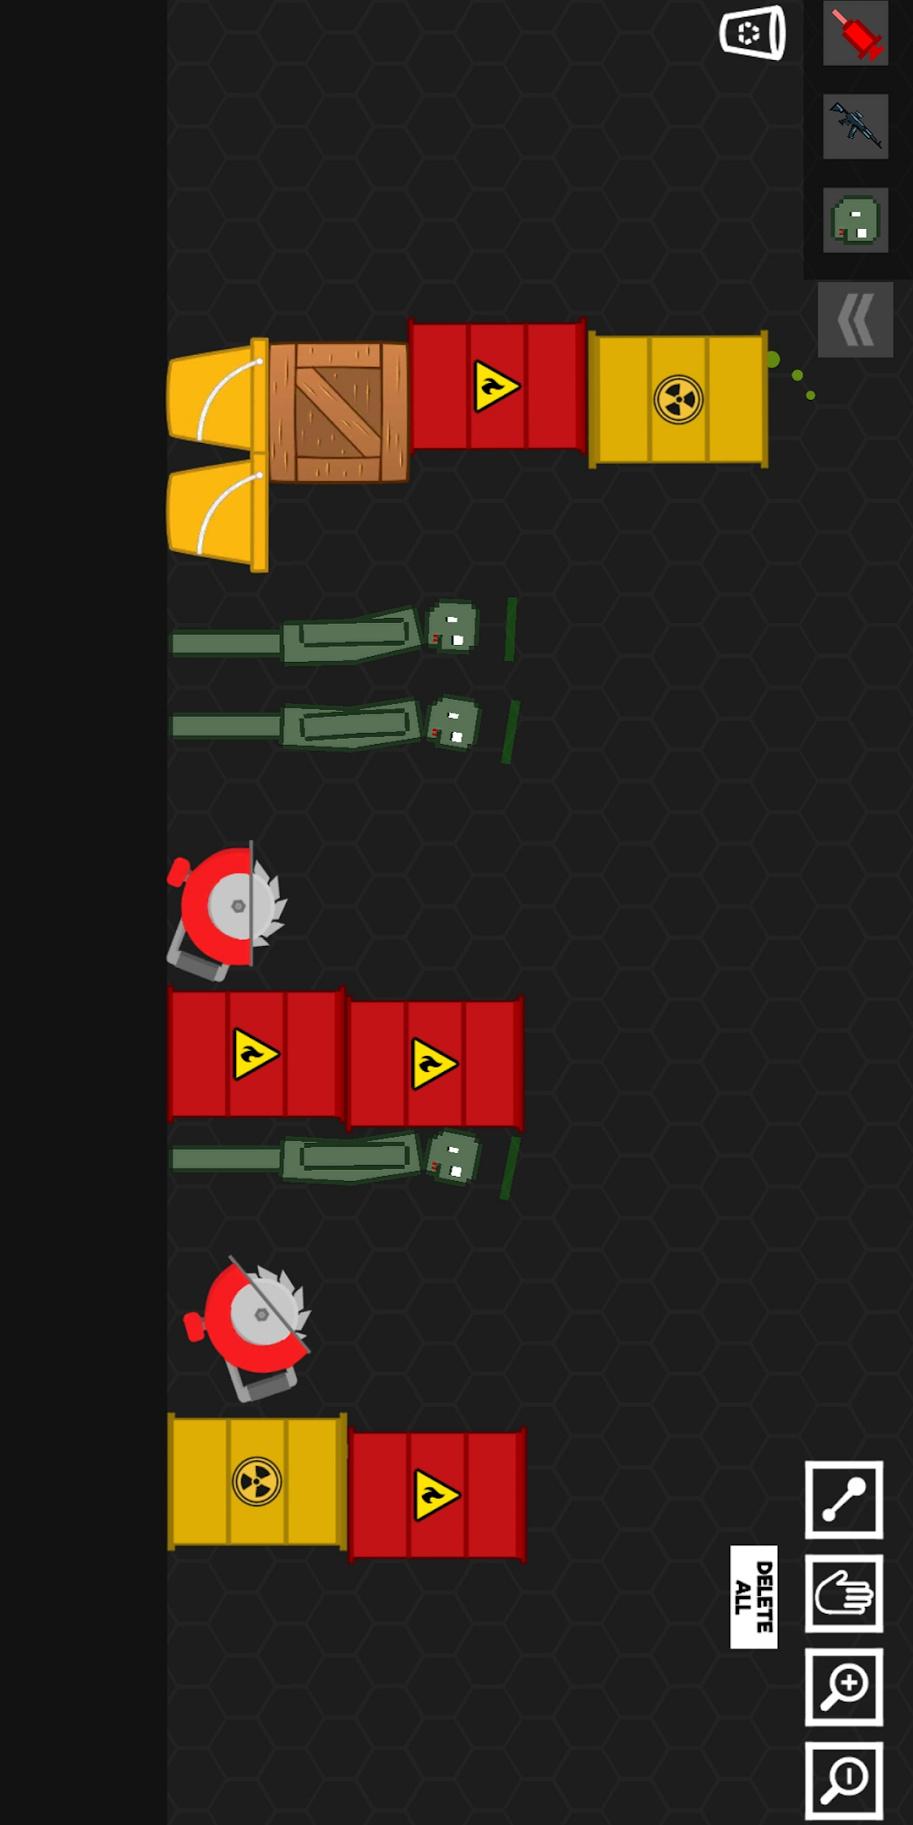 僵尸游乐场2沙盒模拟器游戏截图